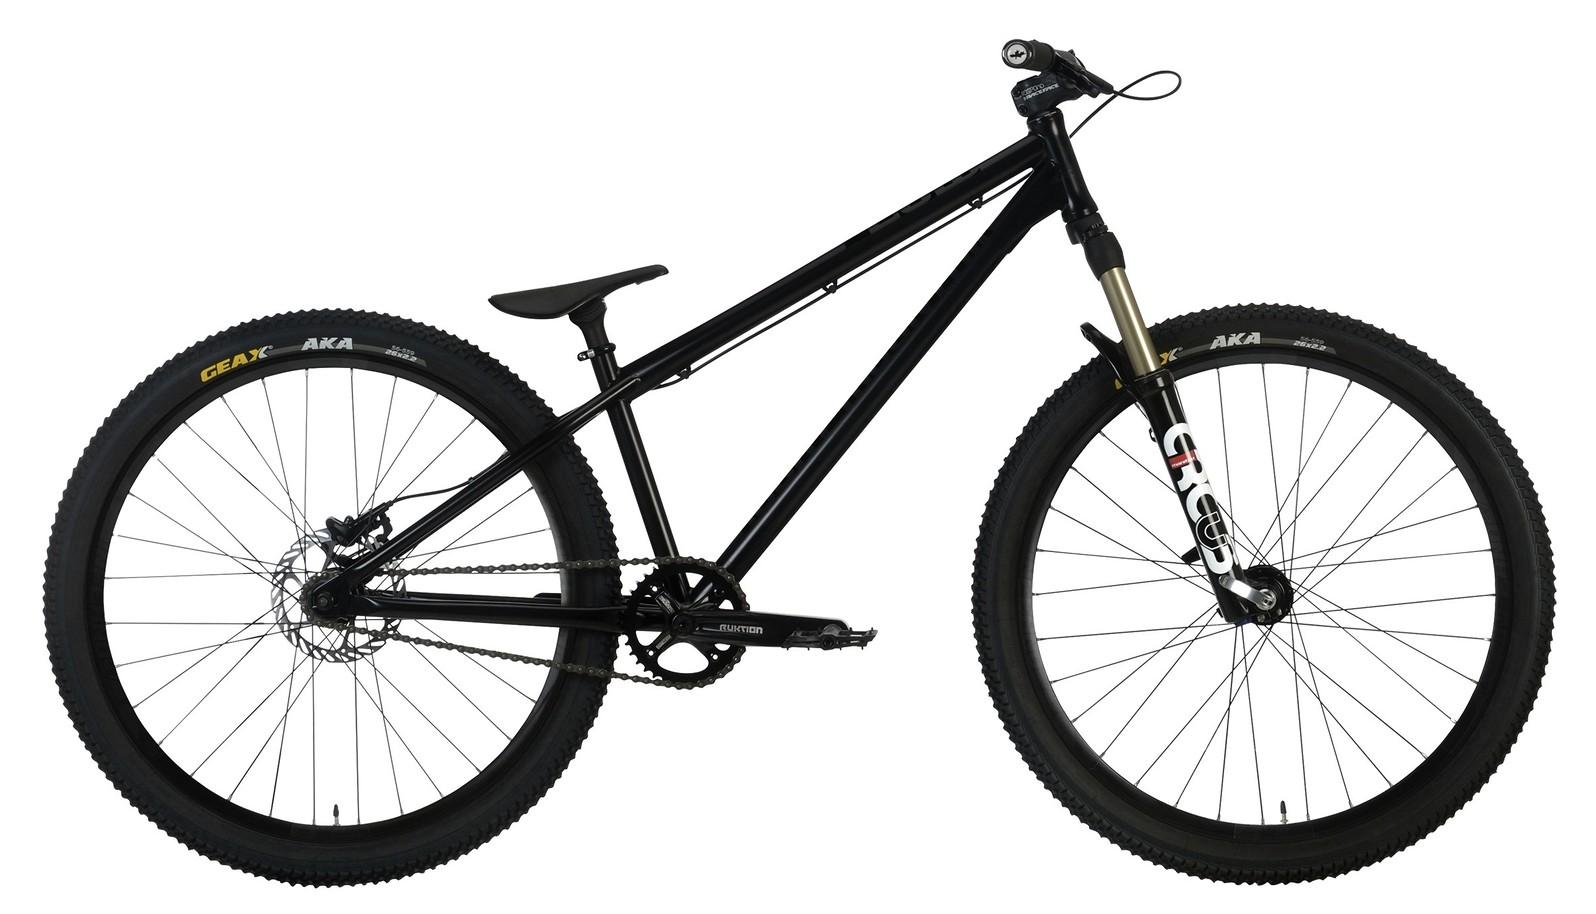 bike - 2014 Rocky Mountain Flow Pro